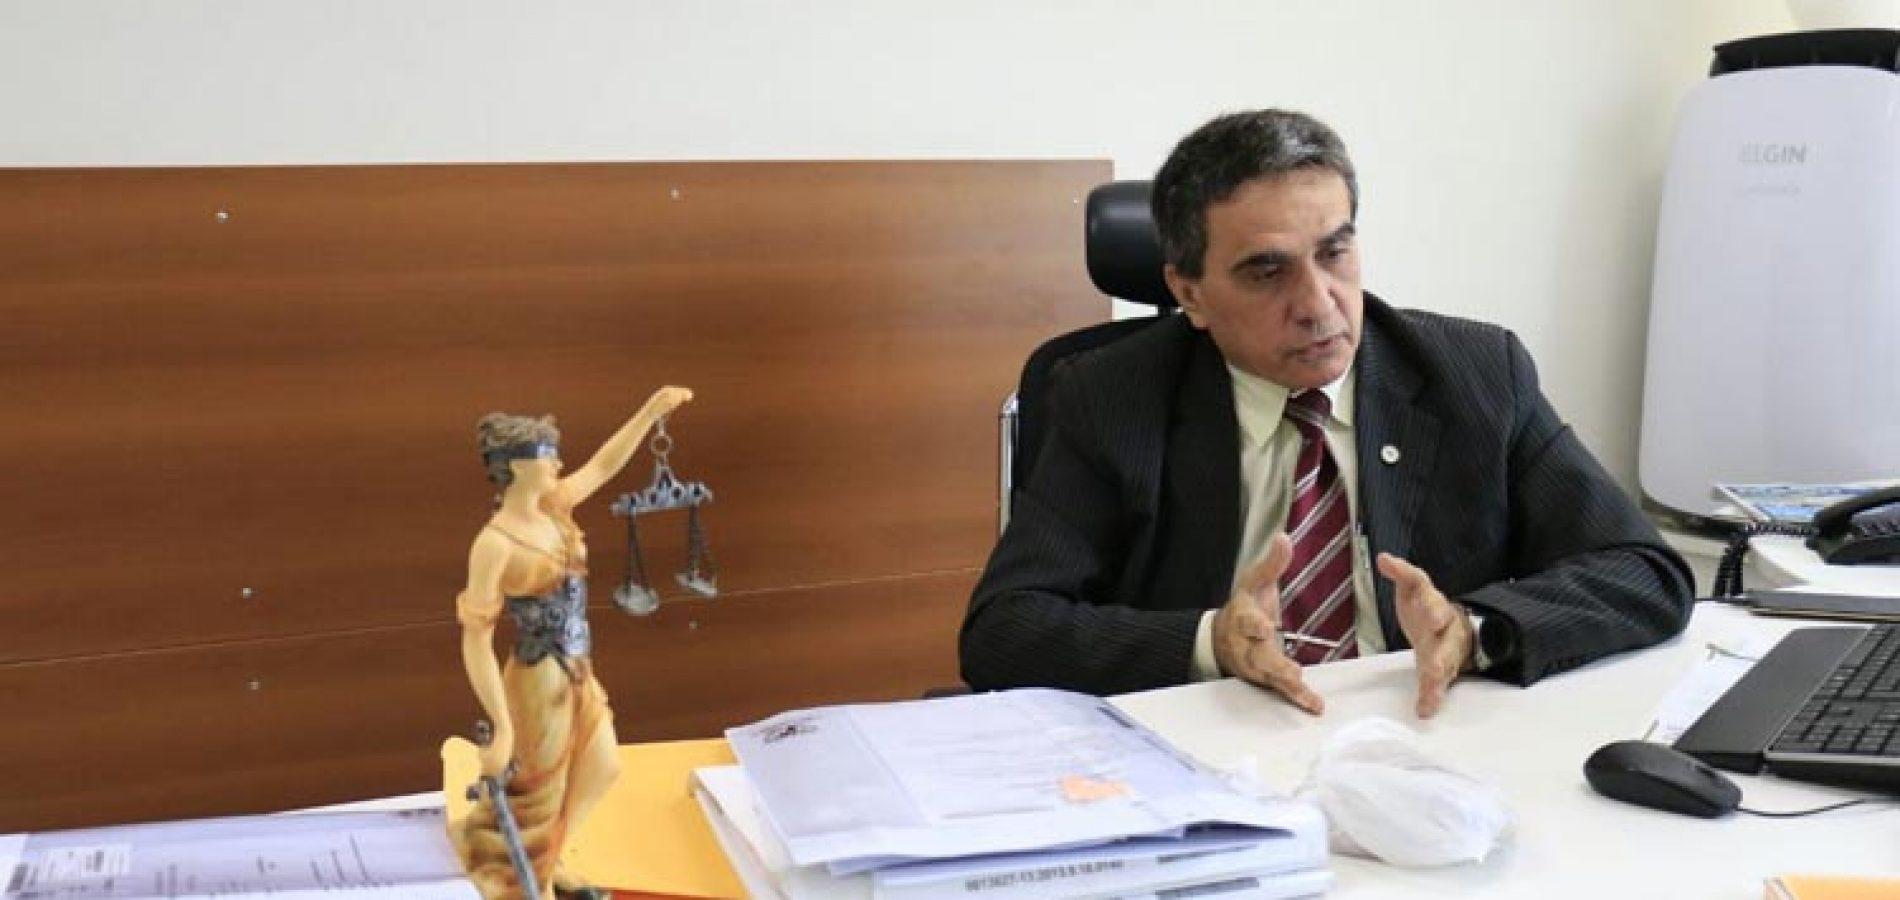 Instalação de tornozeleira em presos é suspensa temporariamente no Piauí